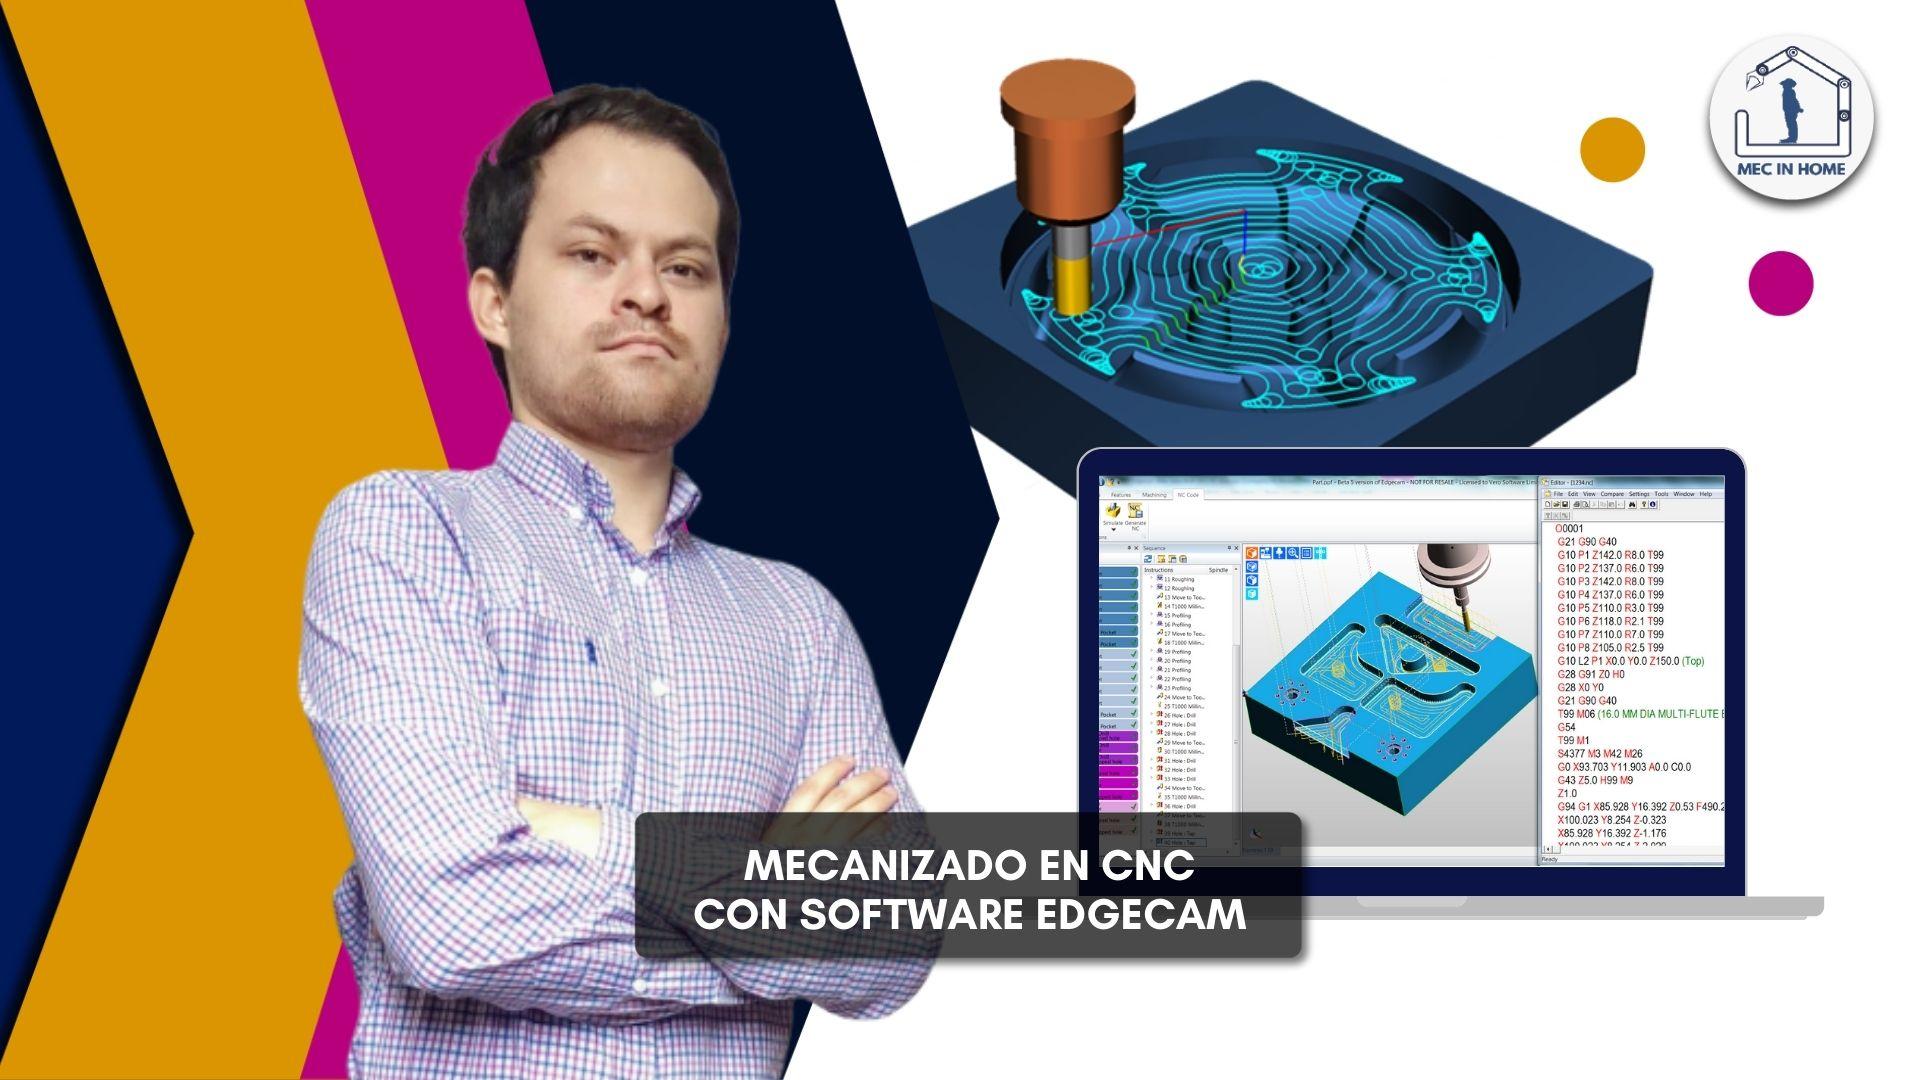 Proyectos Mec in Home (7)